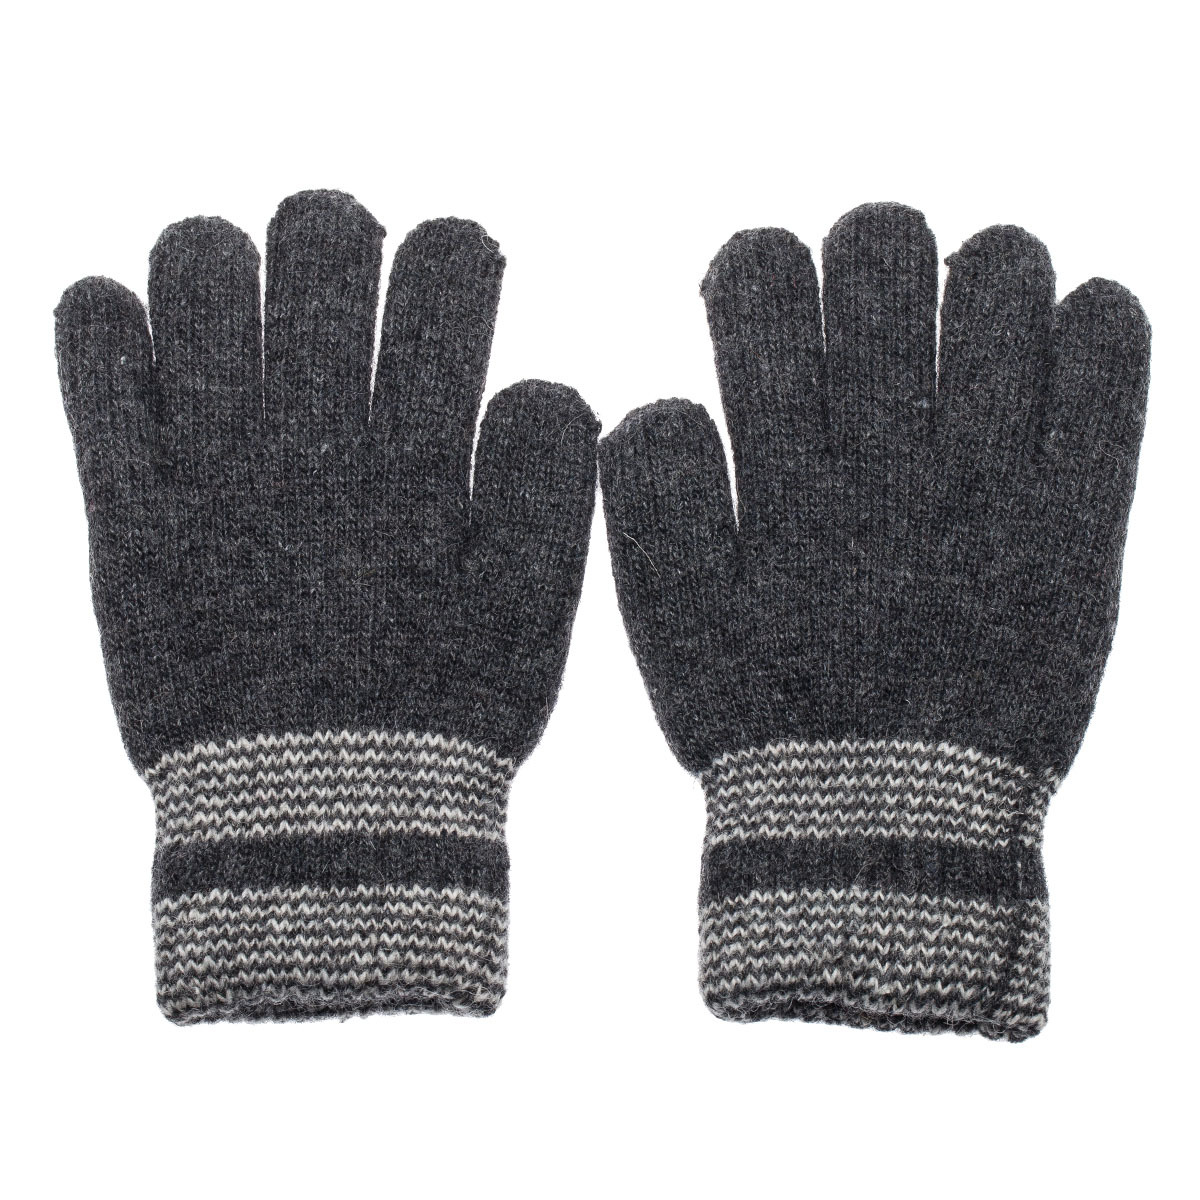 Перчатки Sevenext, 37925-38 цена в Москве и Питере